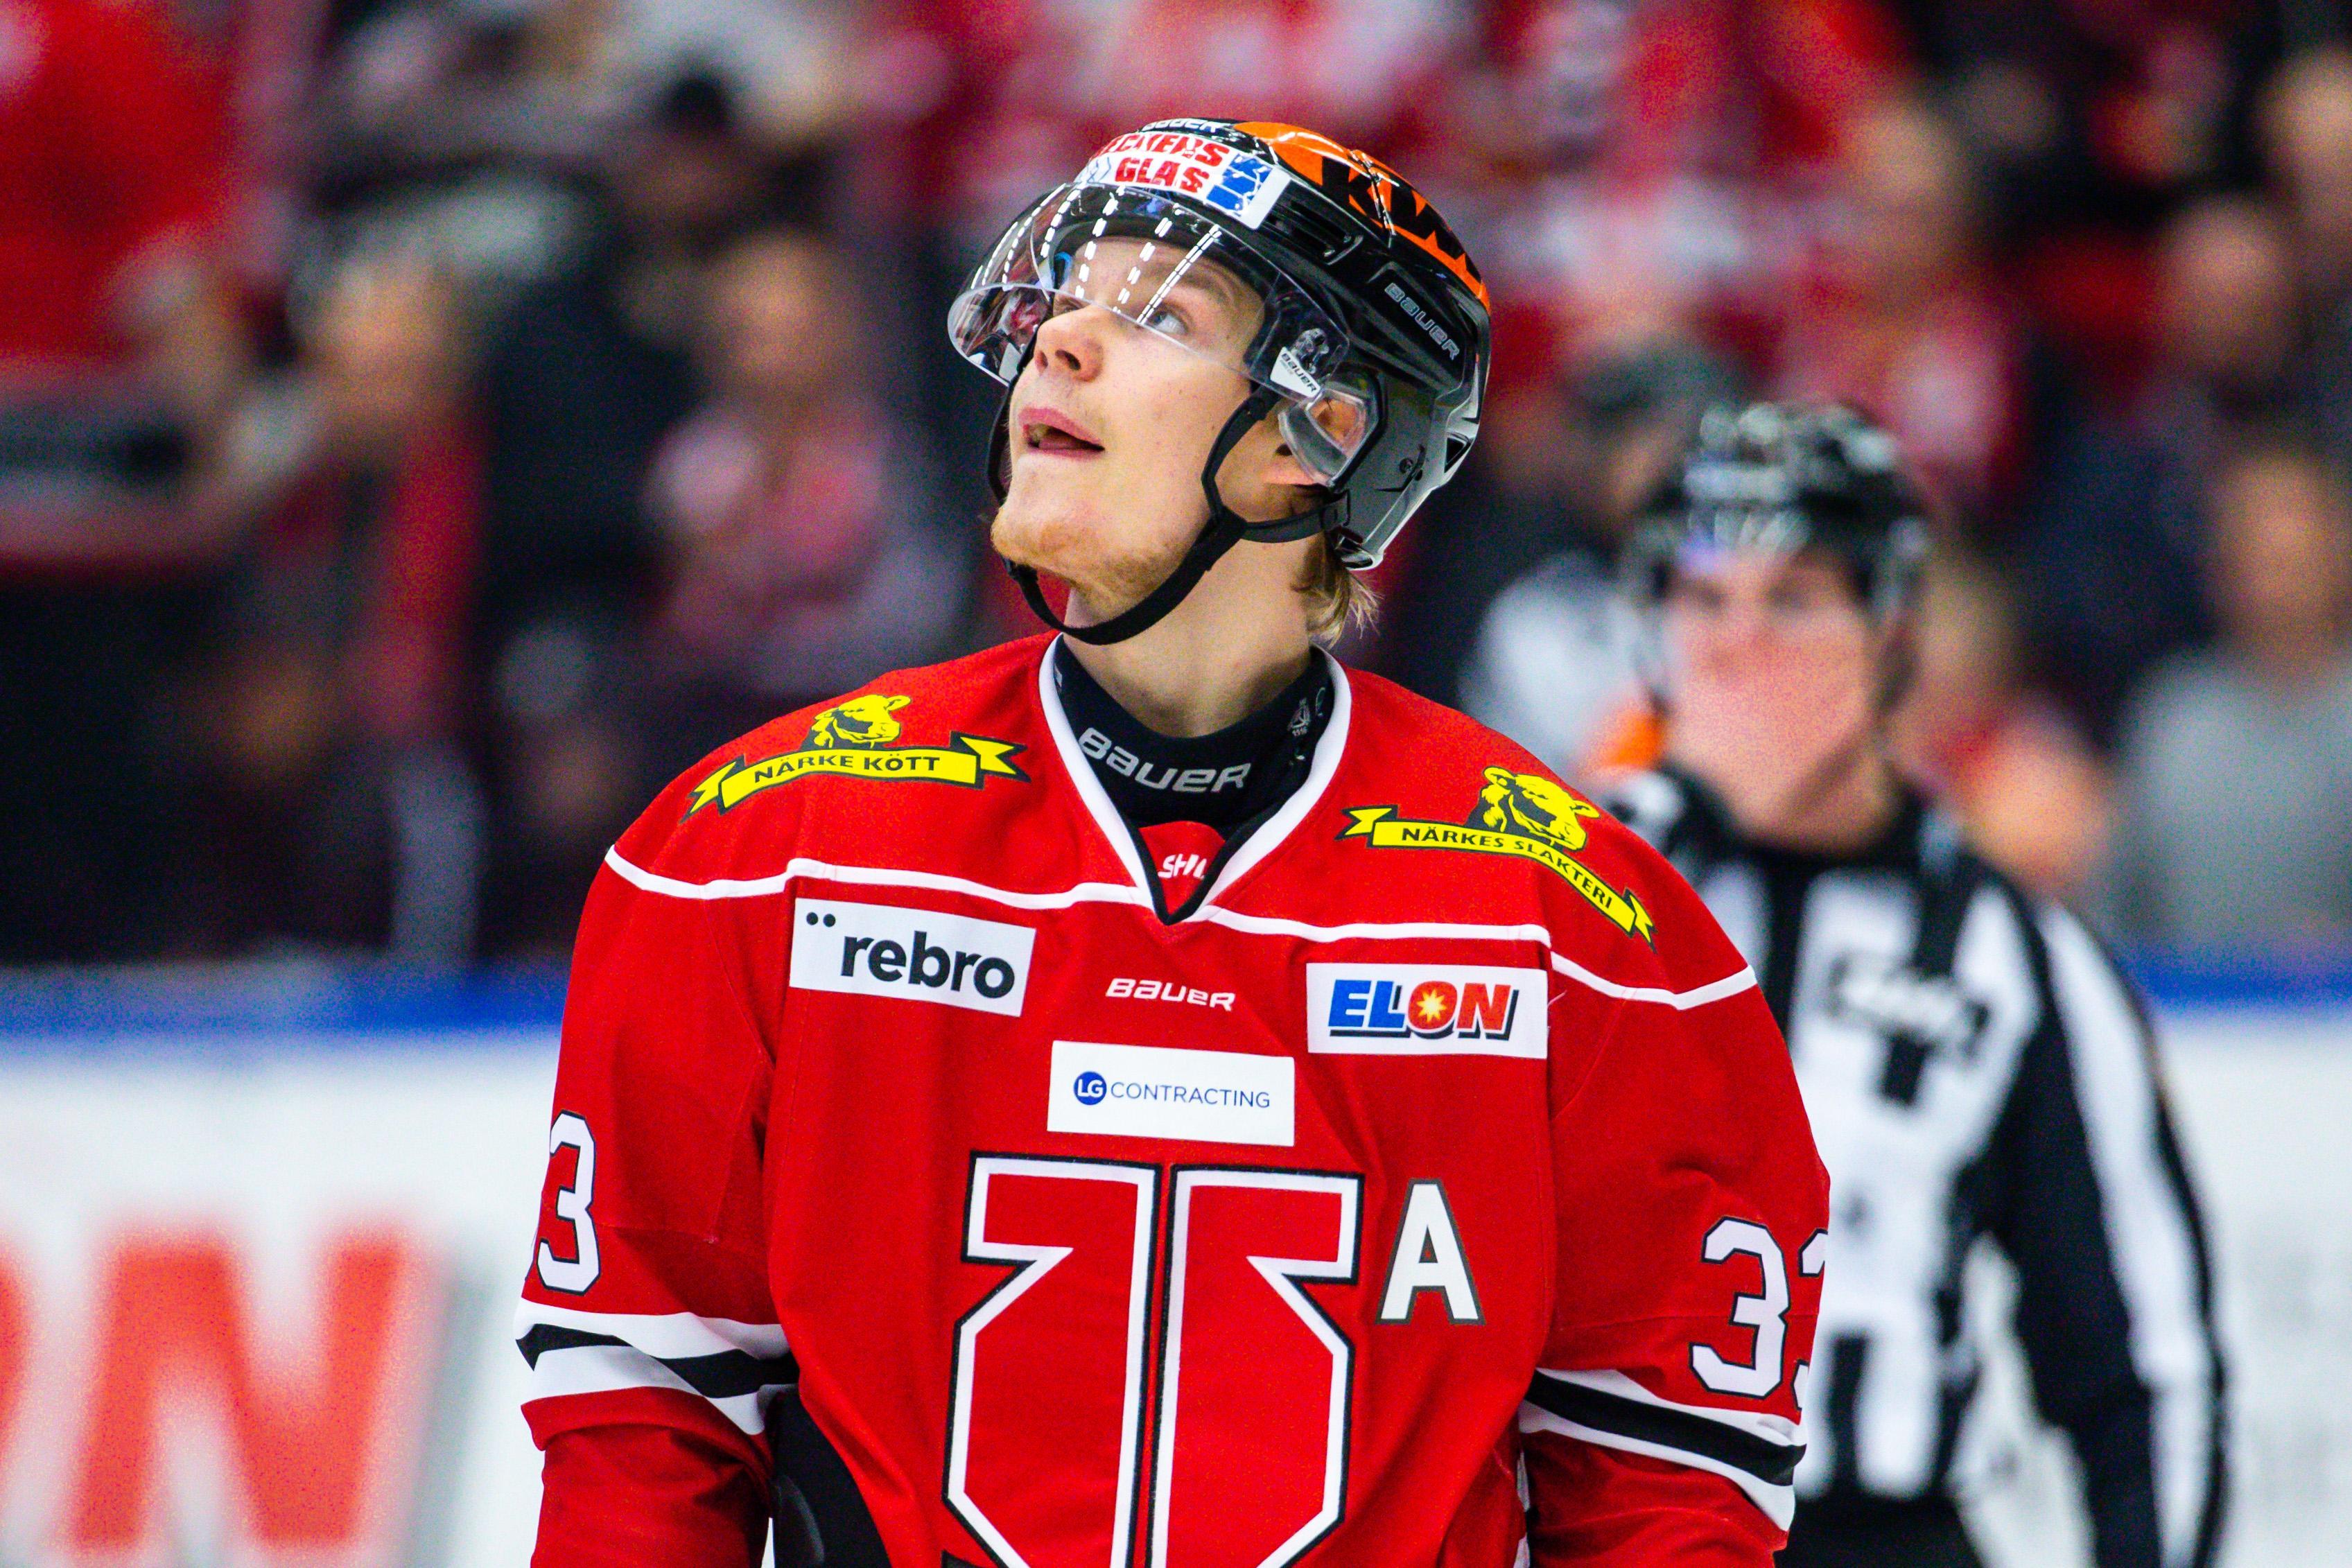 Christopher Mastomäki får chansen i Tre Kronor. Bild: Johan Bernström/Bildbyrån